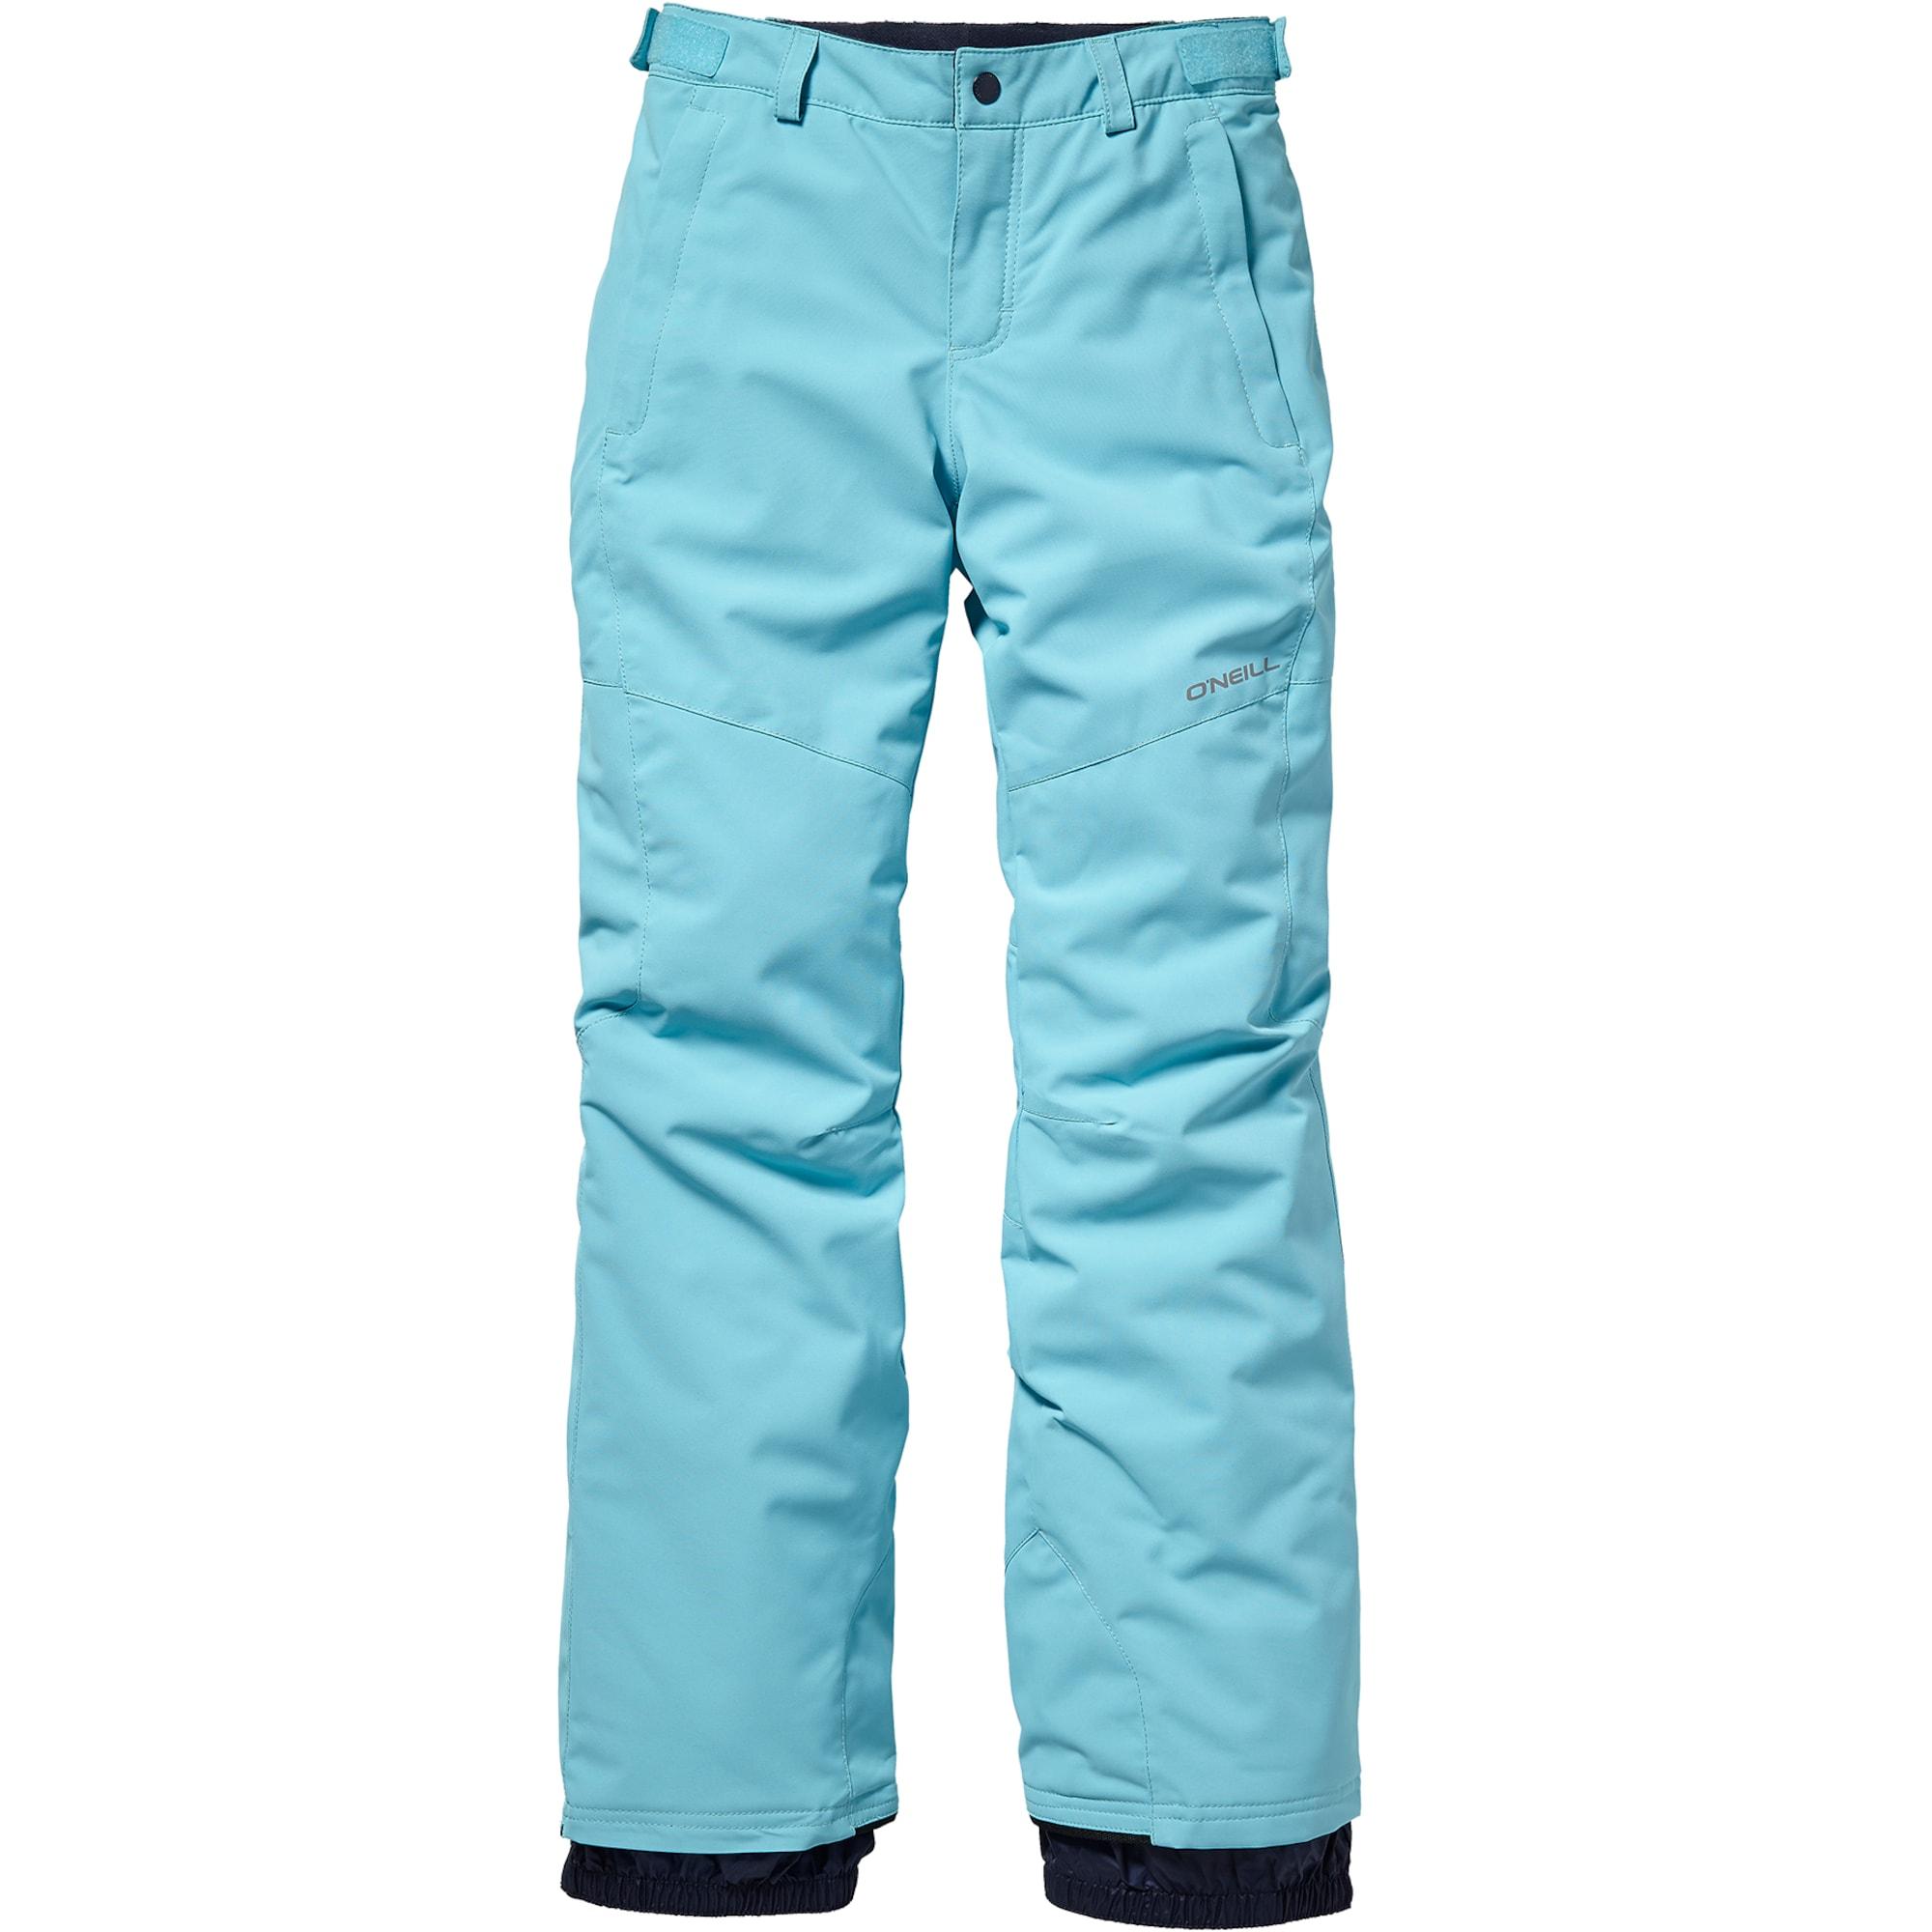 ONEILL Outdoorové kalhoty PG CHARM PANTS světlemodrá O'NEILL